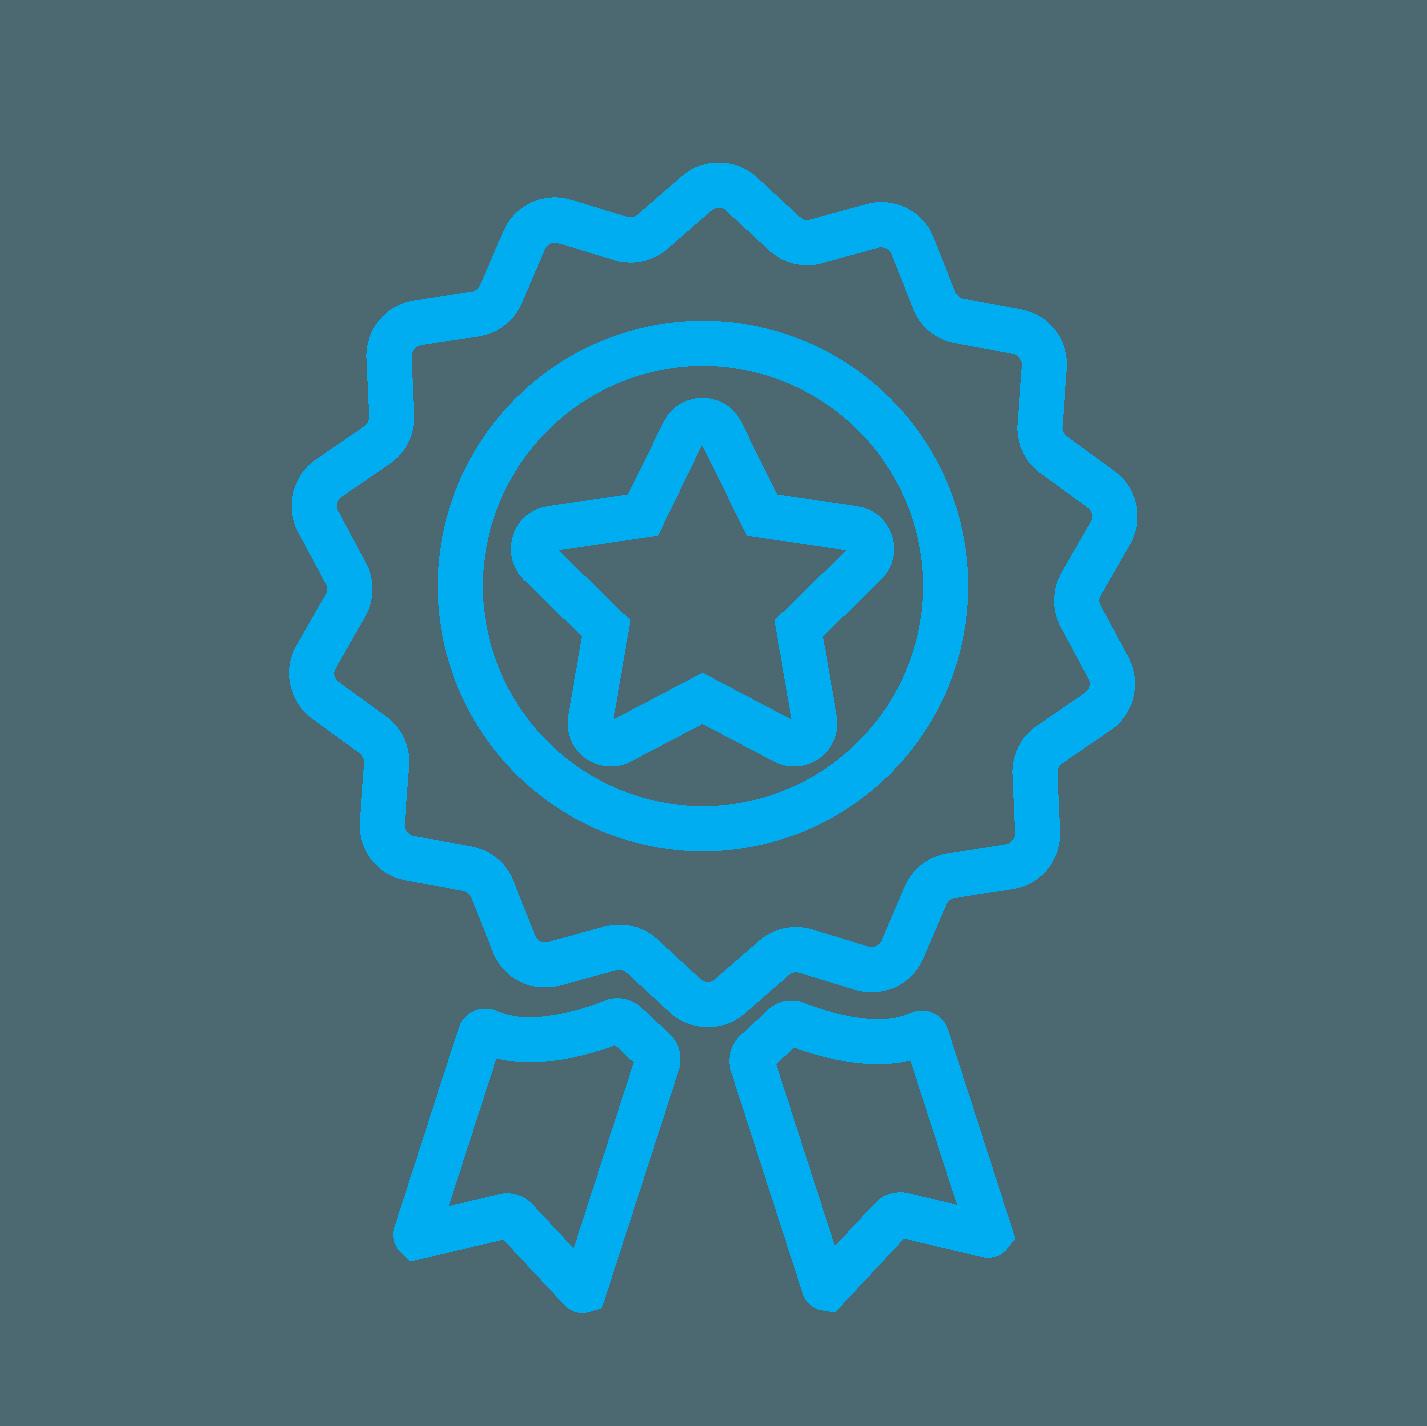 Successful_Outcomes